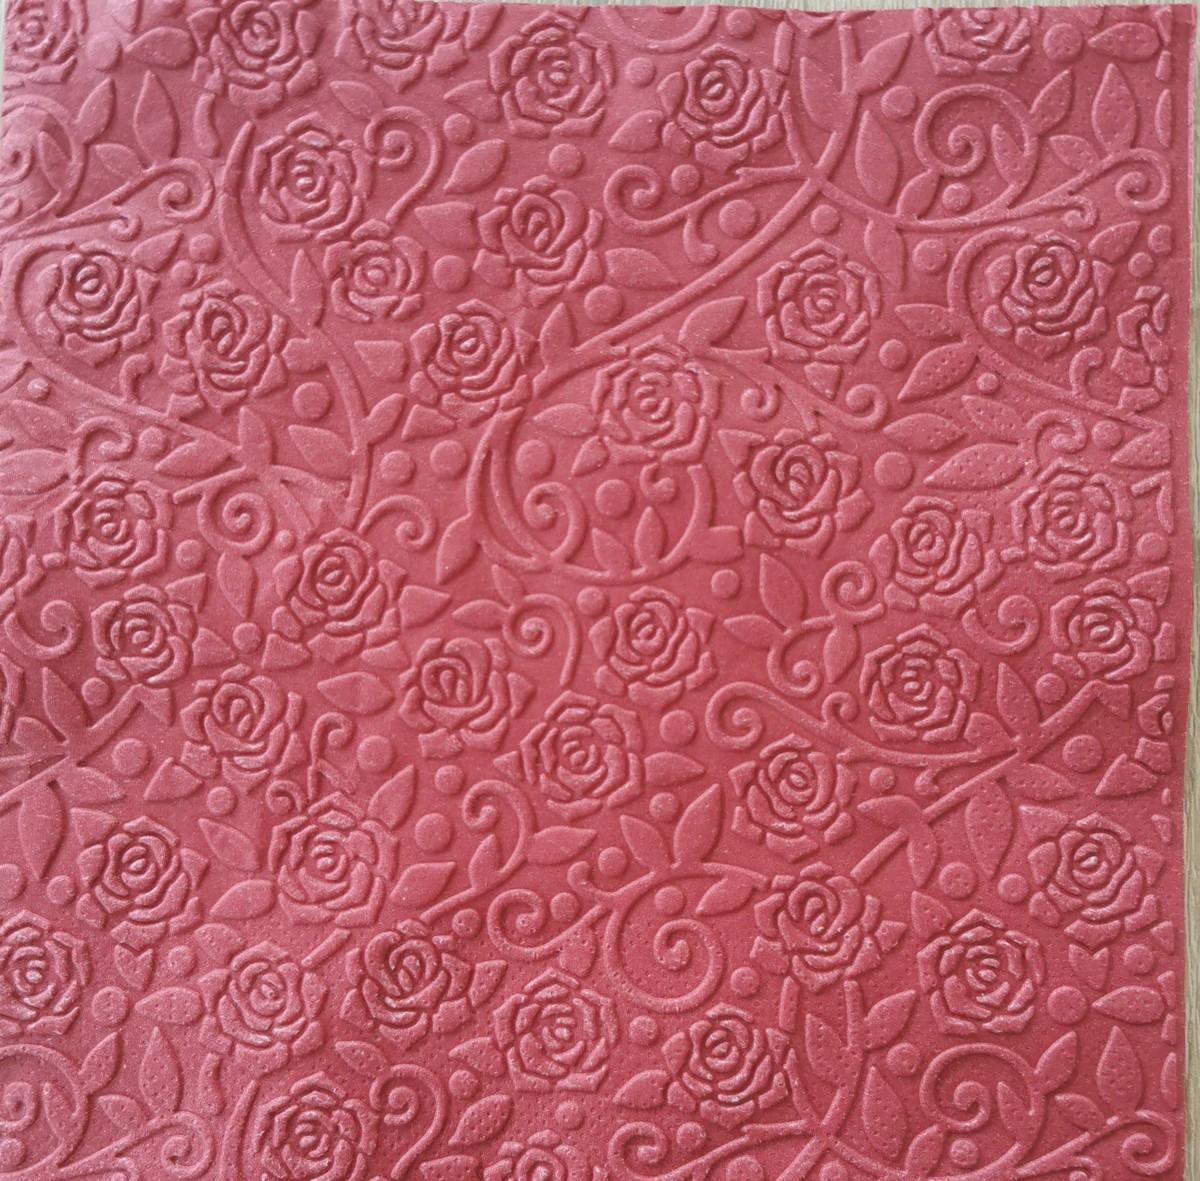 Reliéfne servítky bordové – Claret 33x33cm – evkakvety-eshop.eu